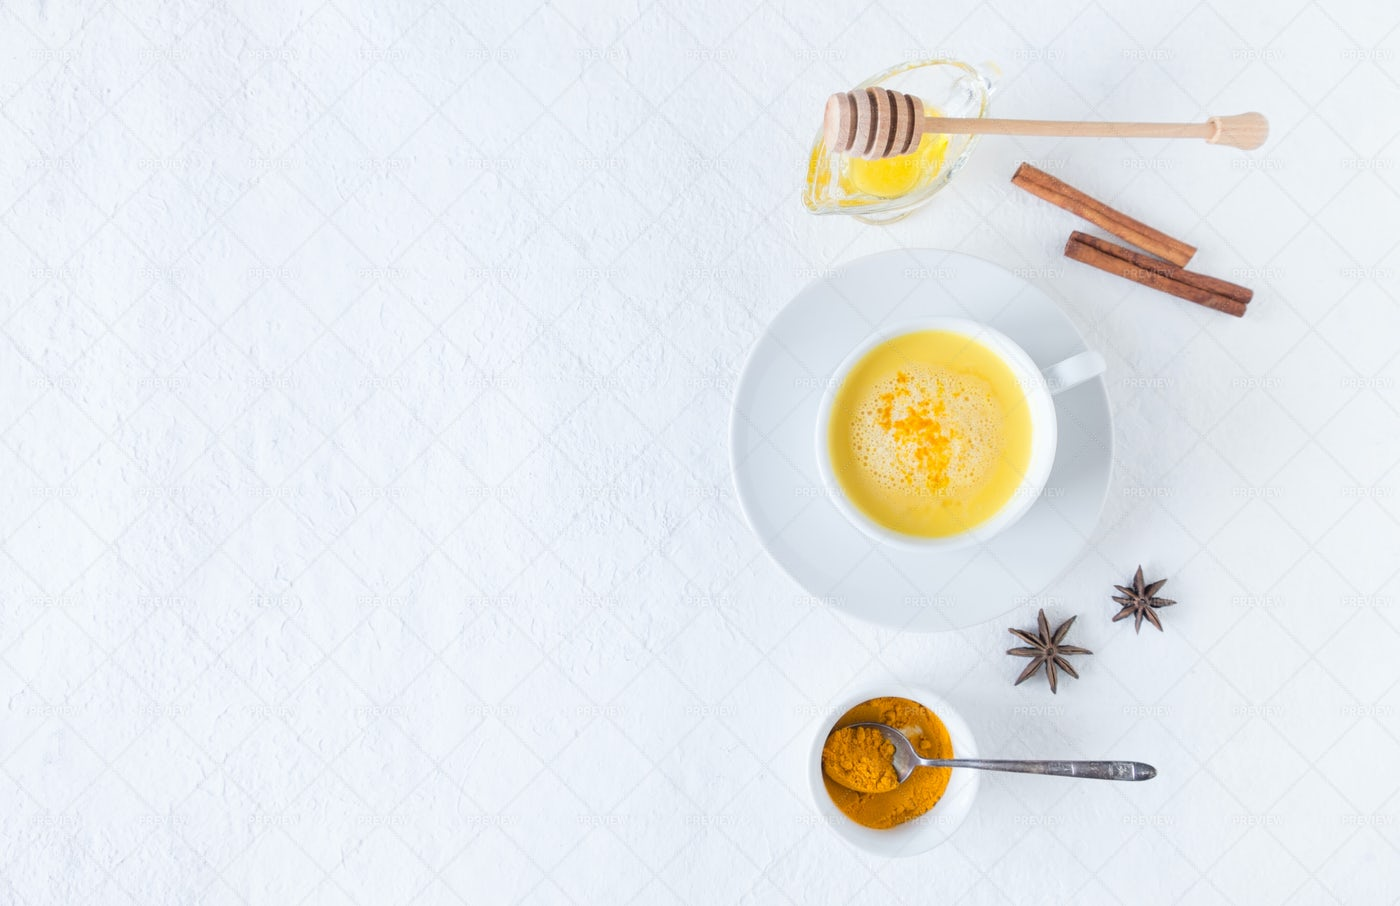 Golden Milk And Ingredients: Stock Photos